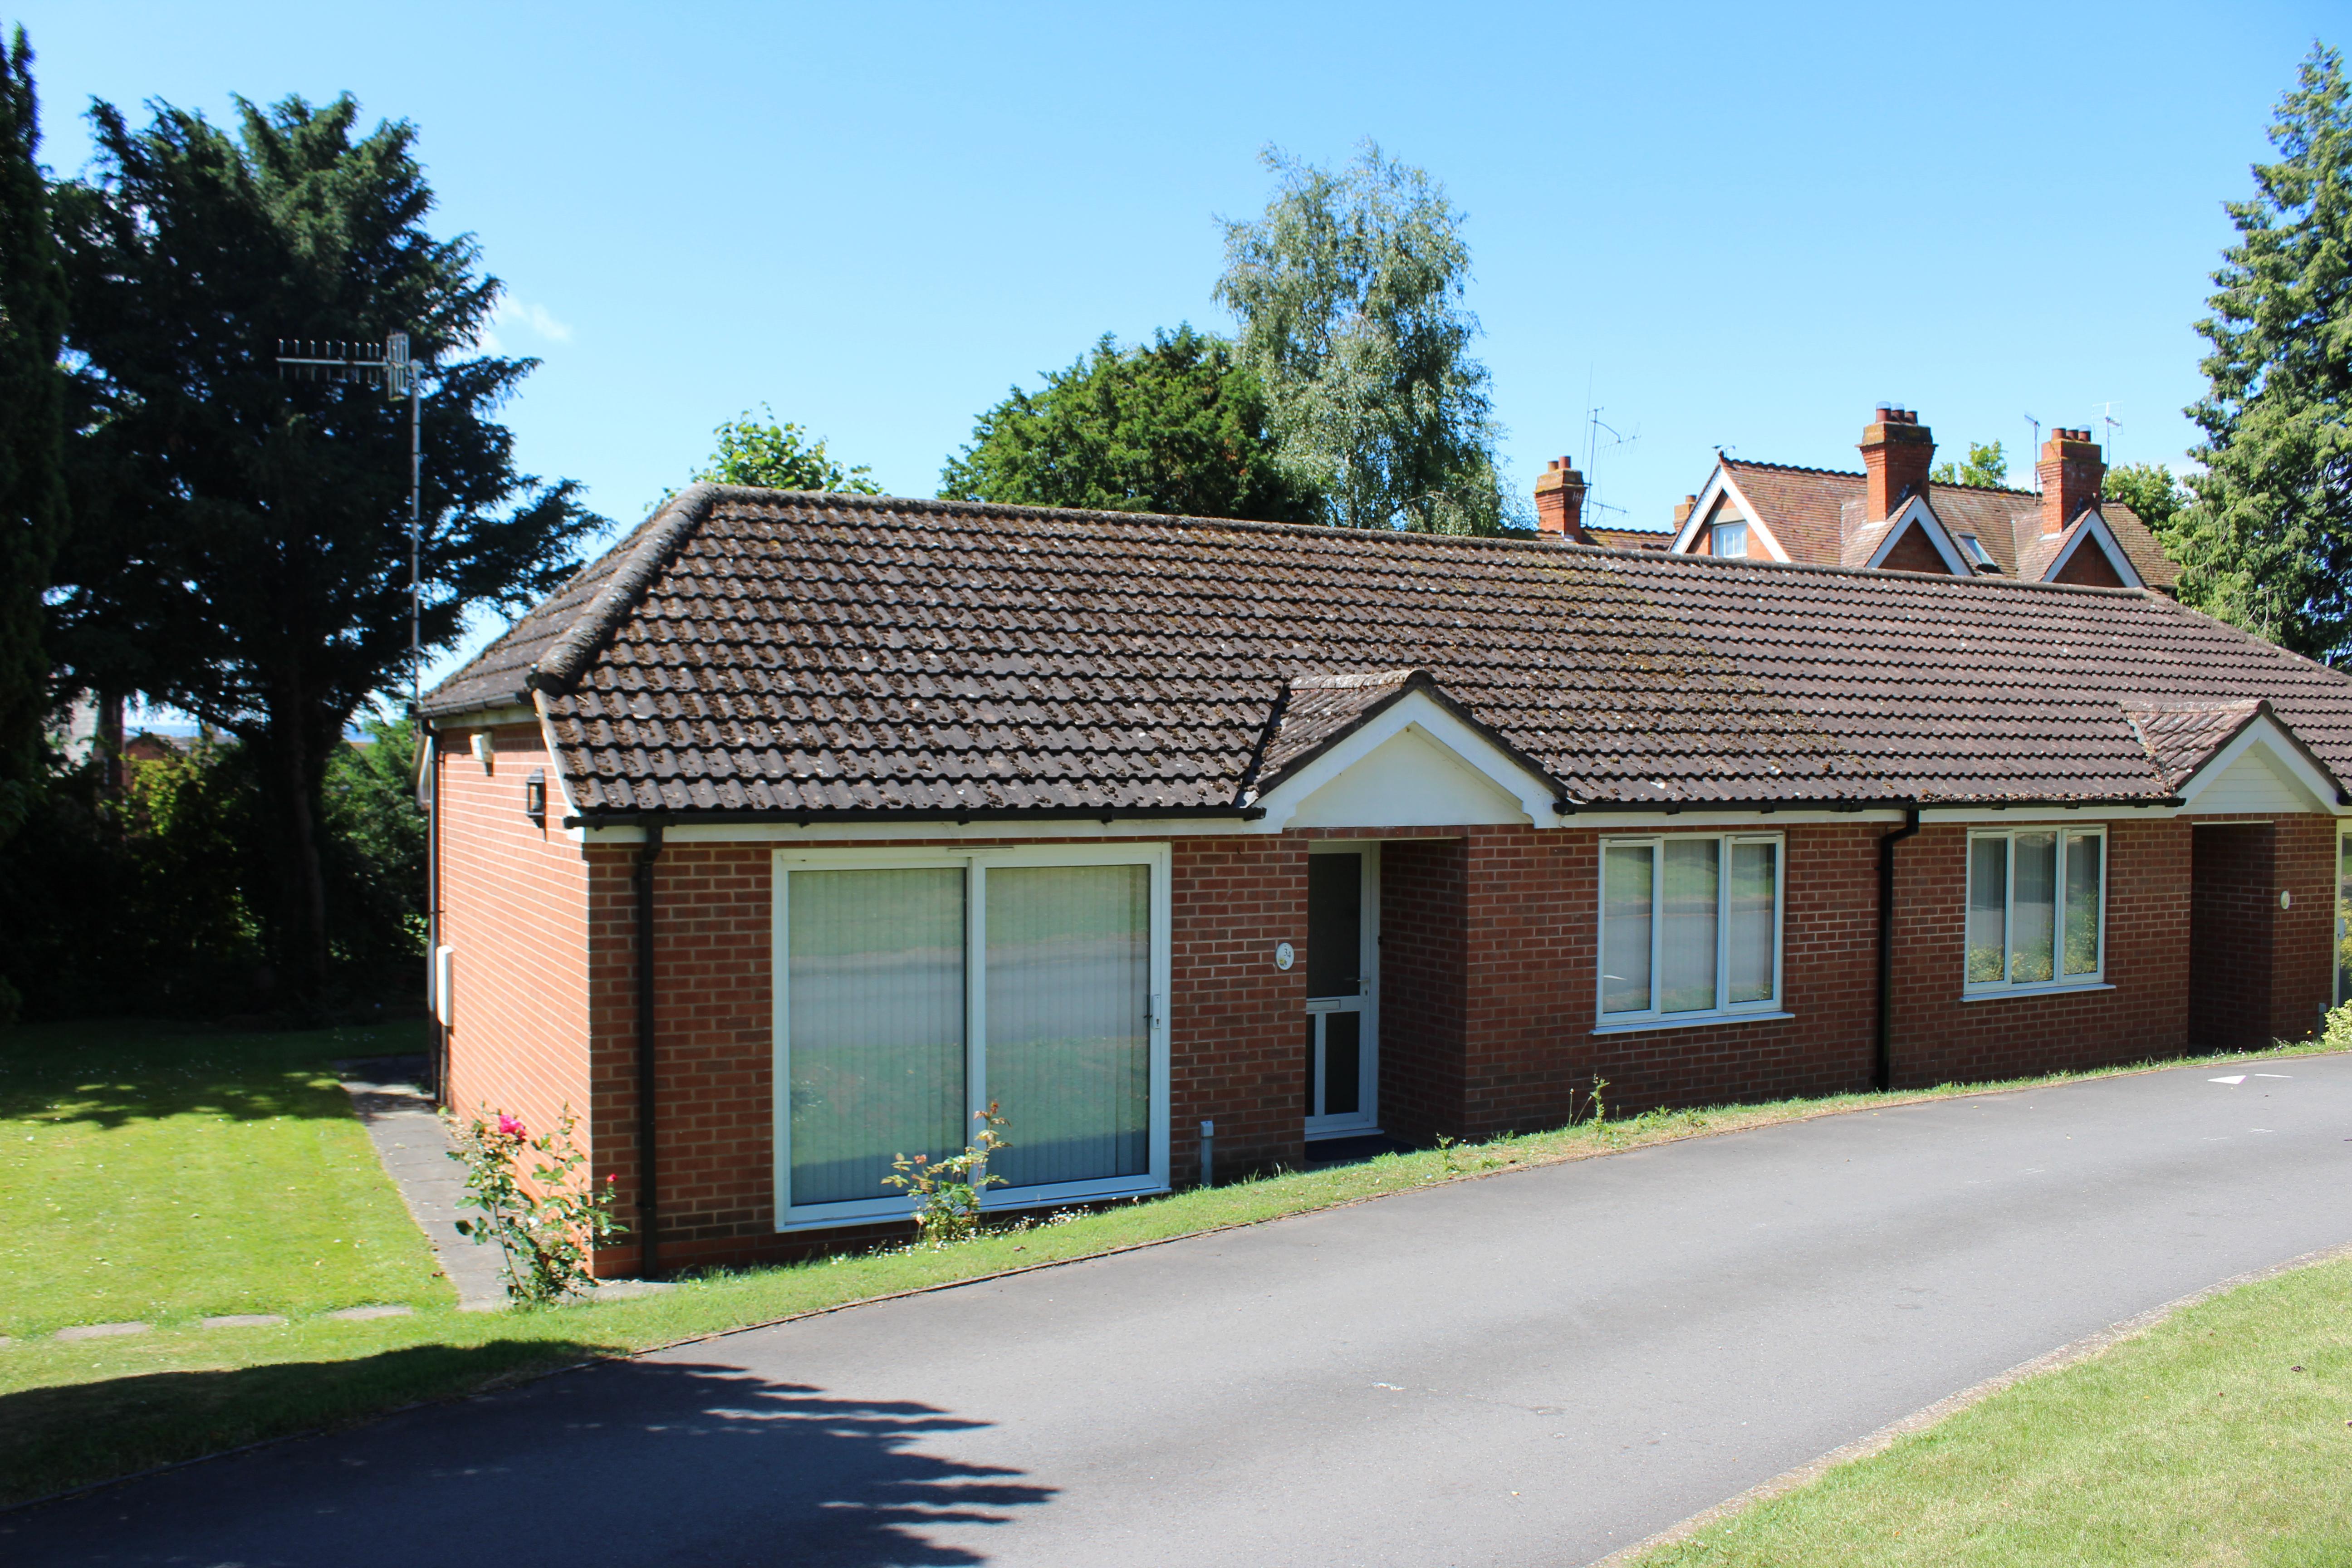 Evesham, Worcestershire